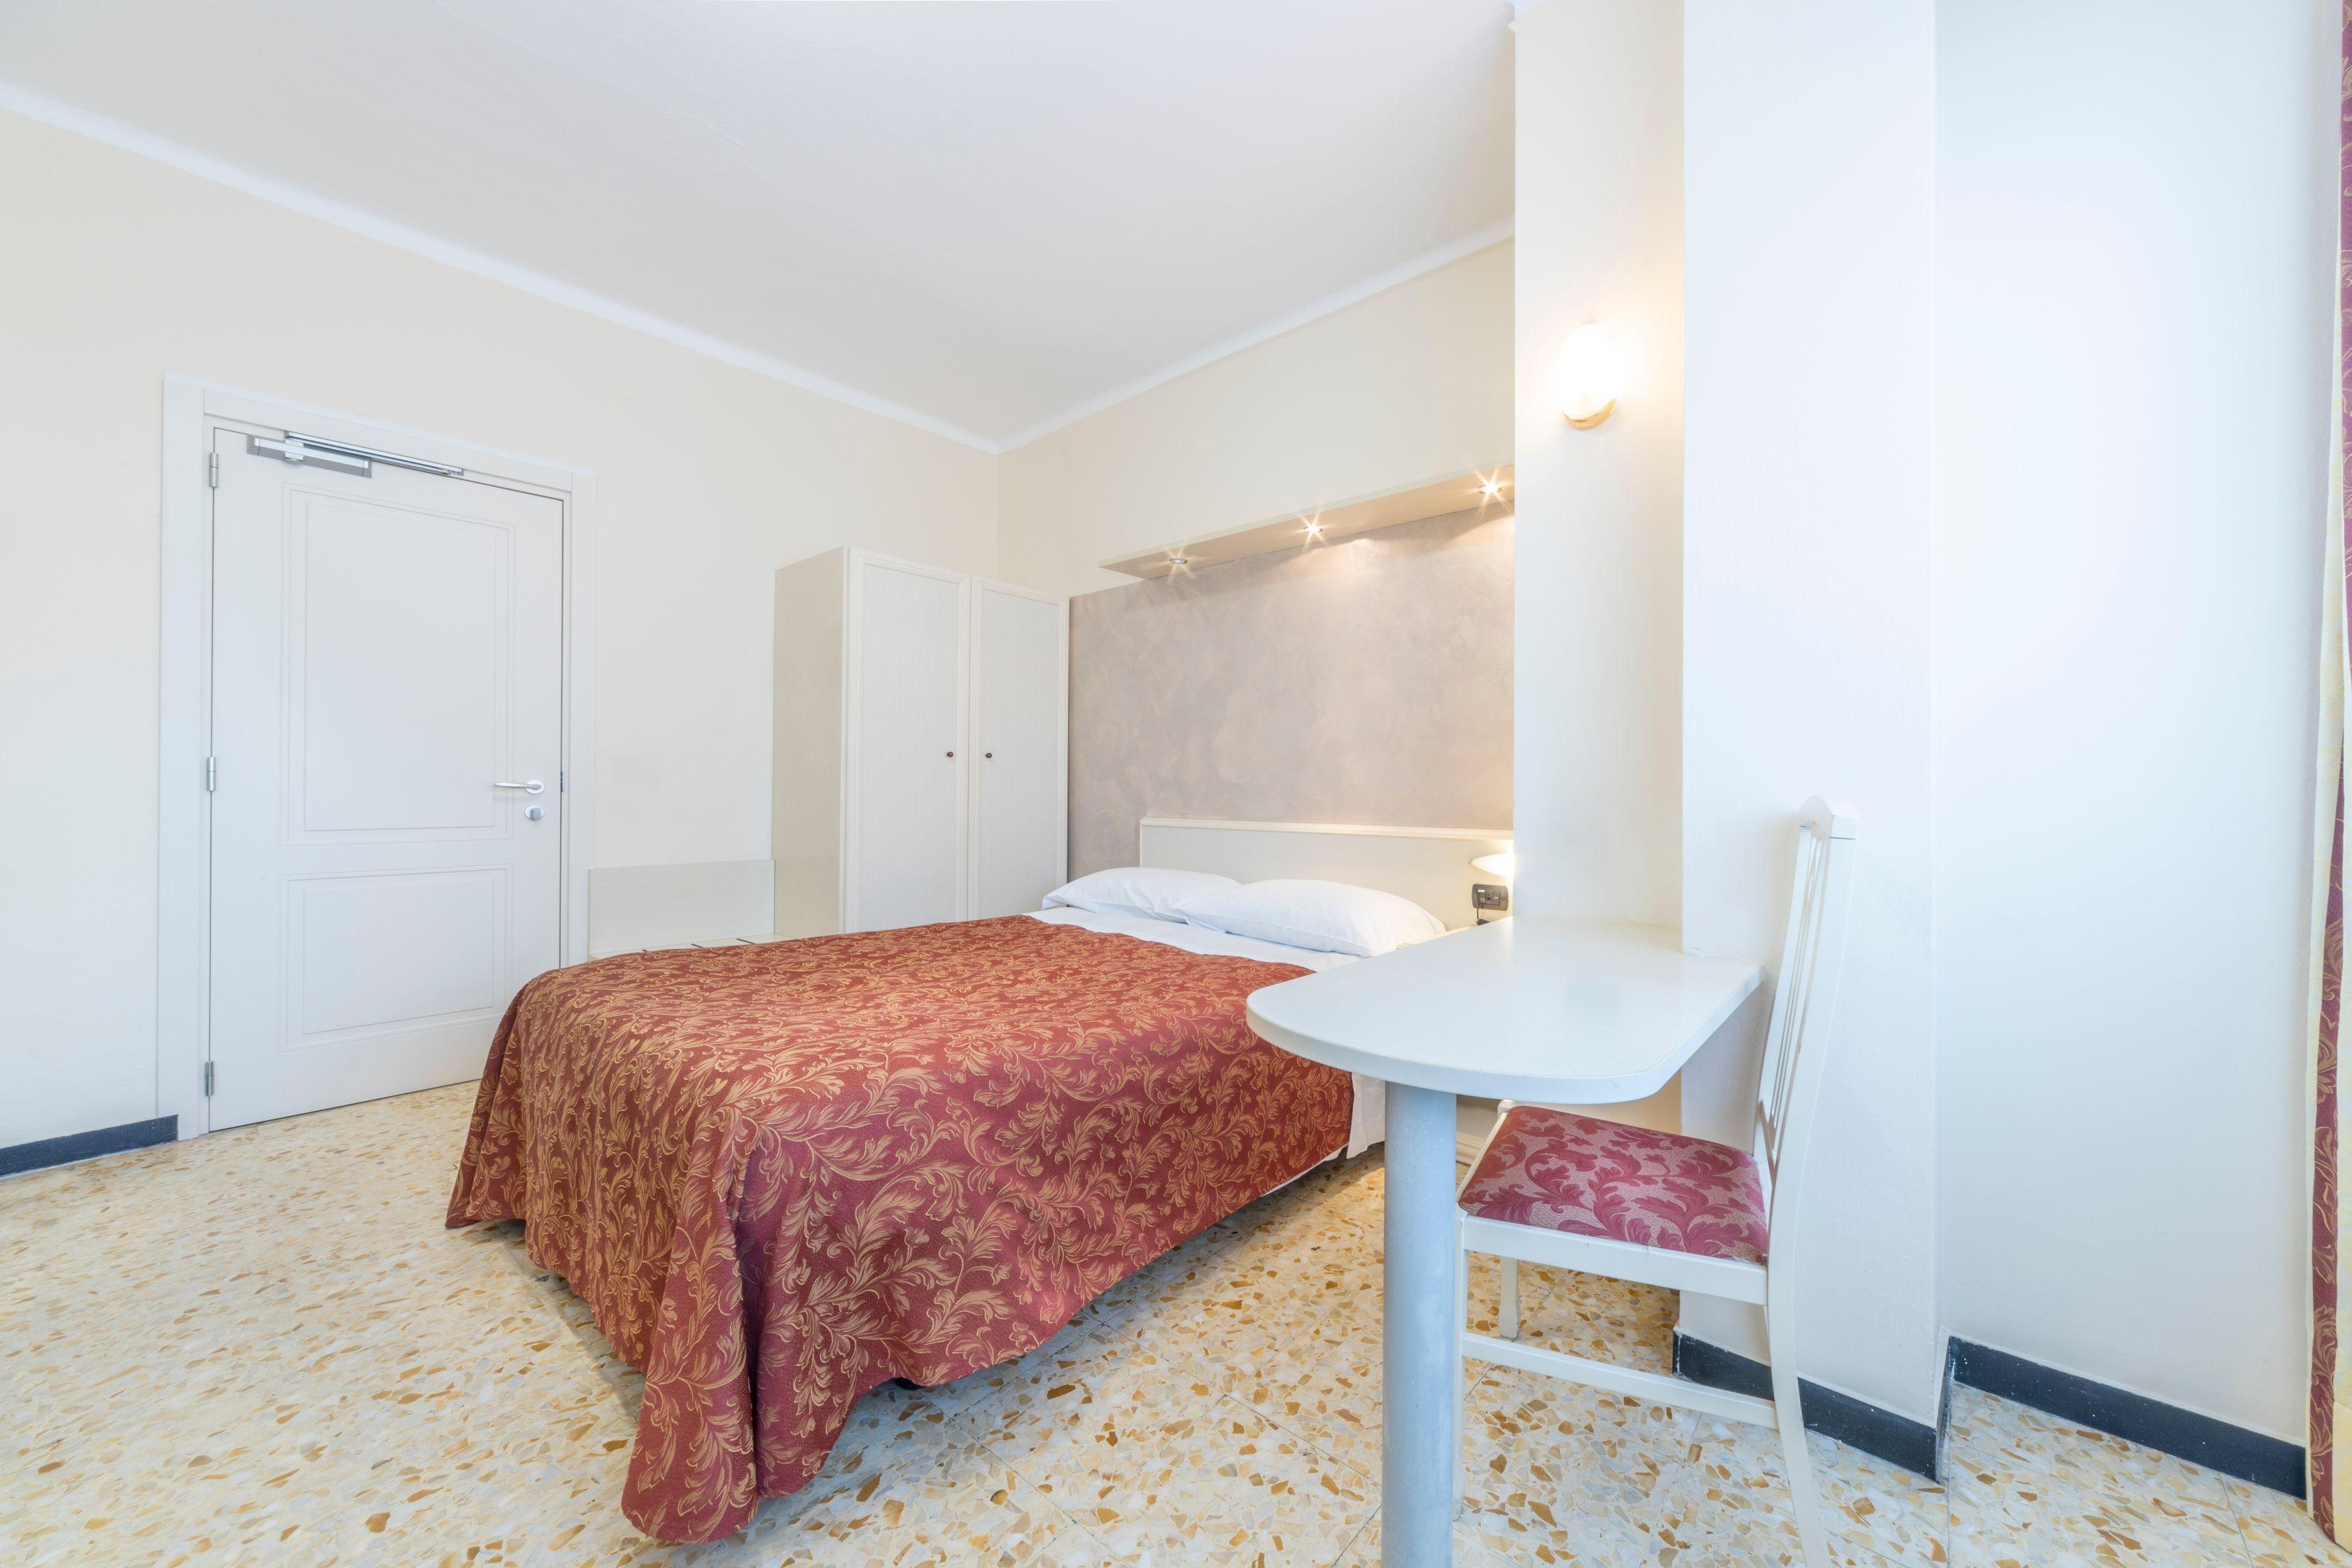 hotel_gold_bordighera_stanza_104_2020102